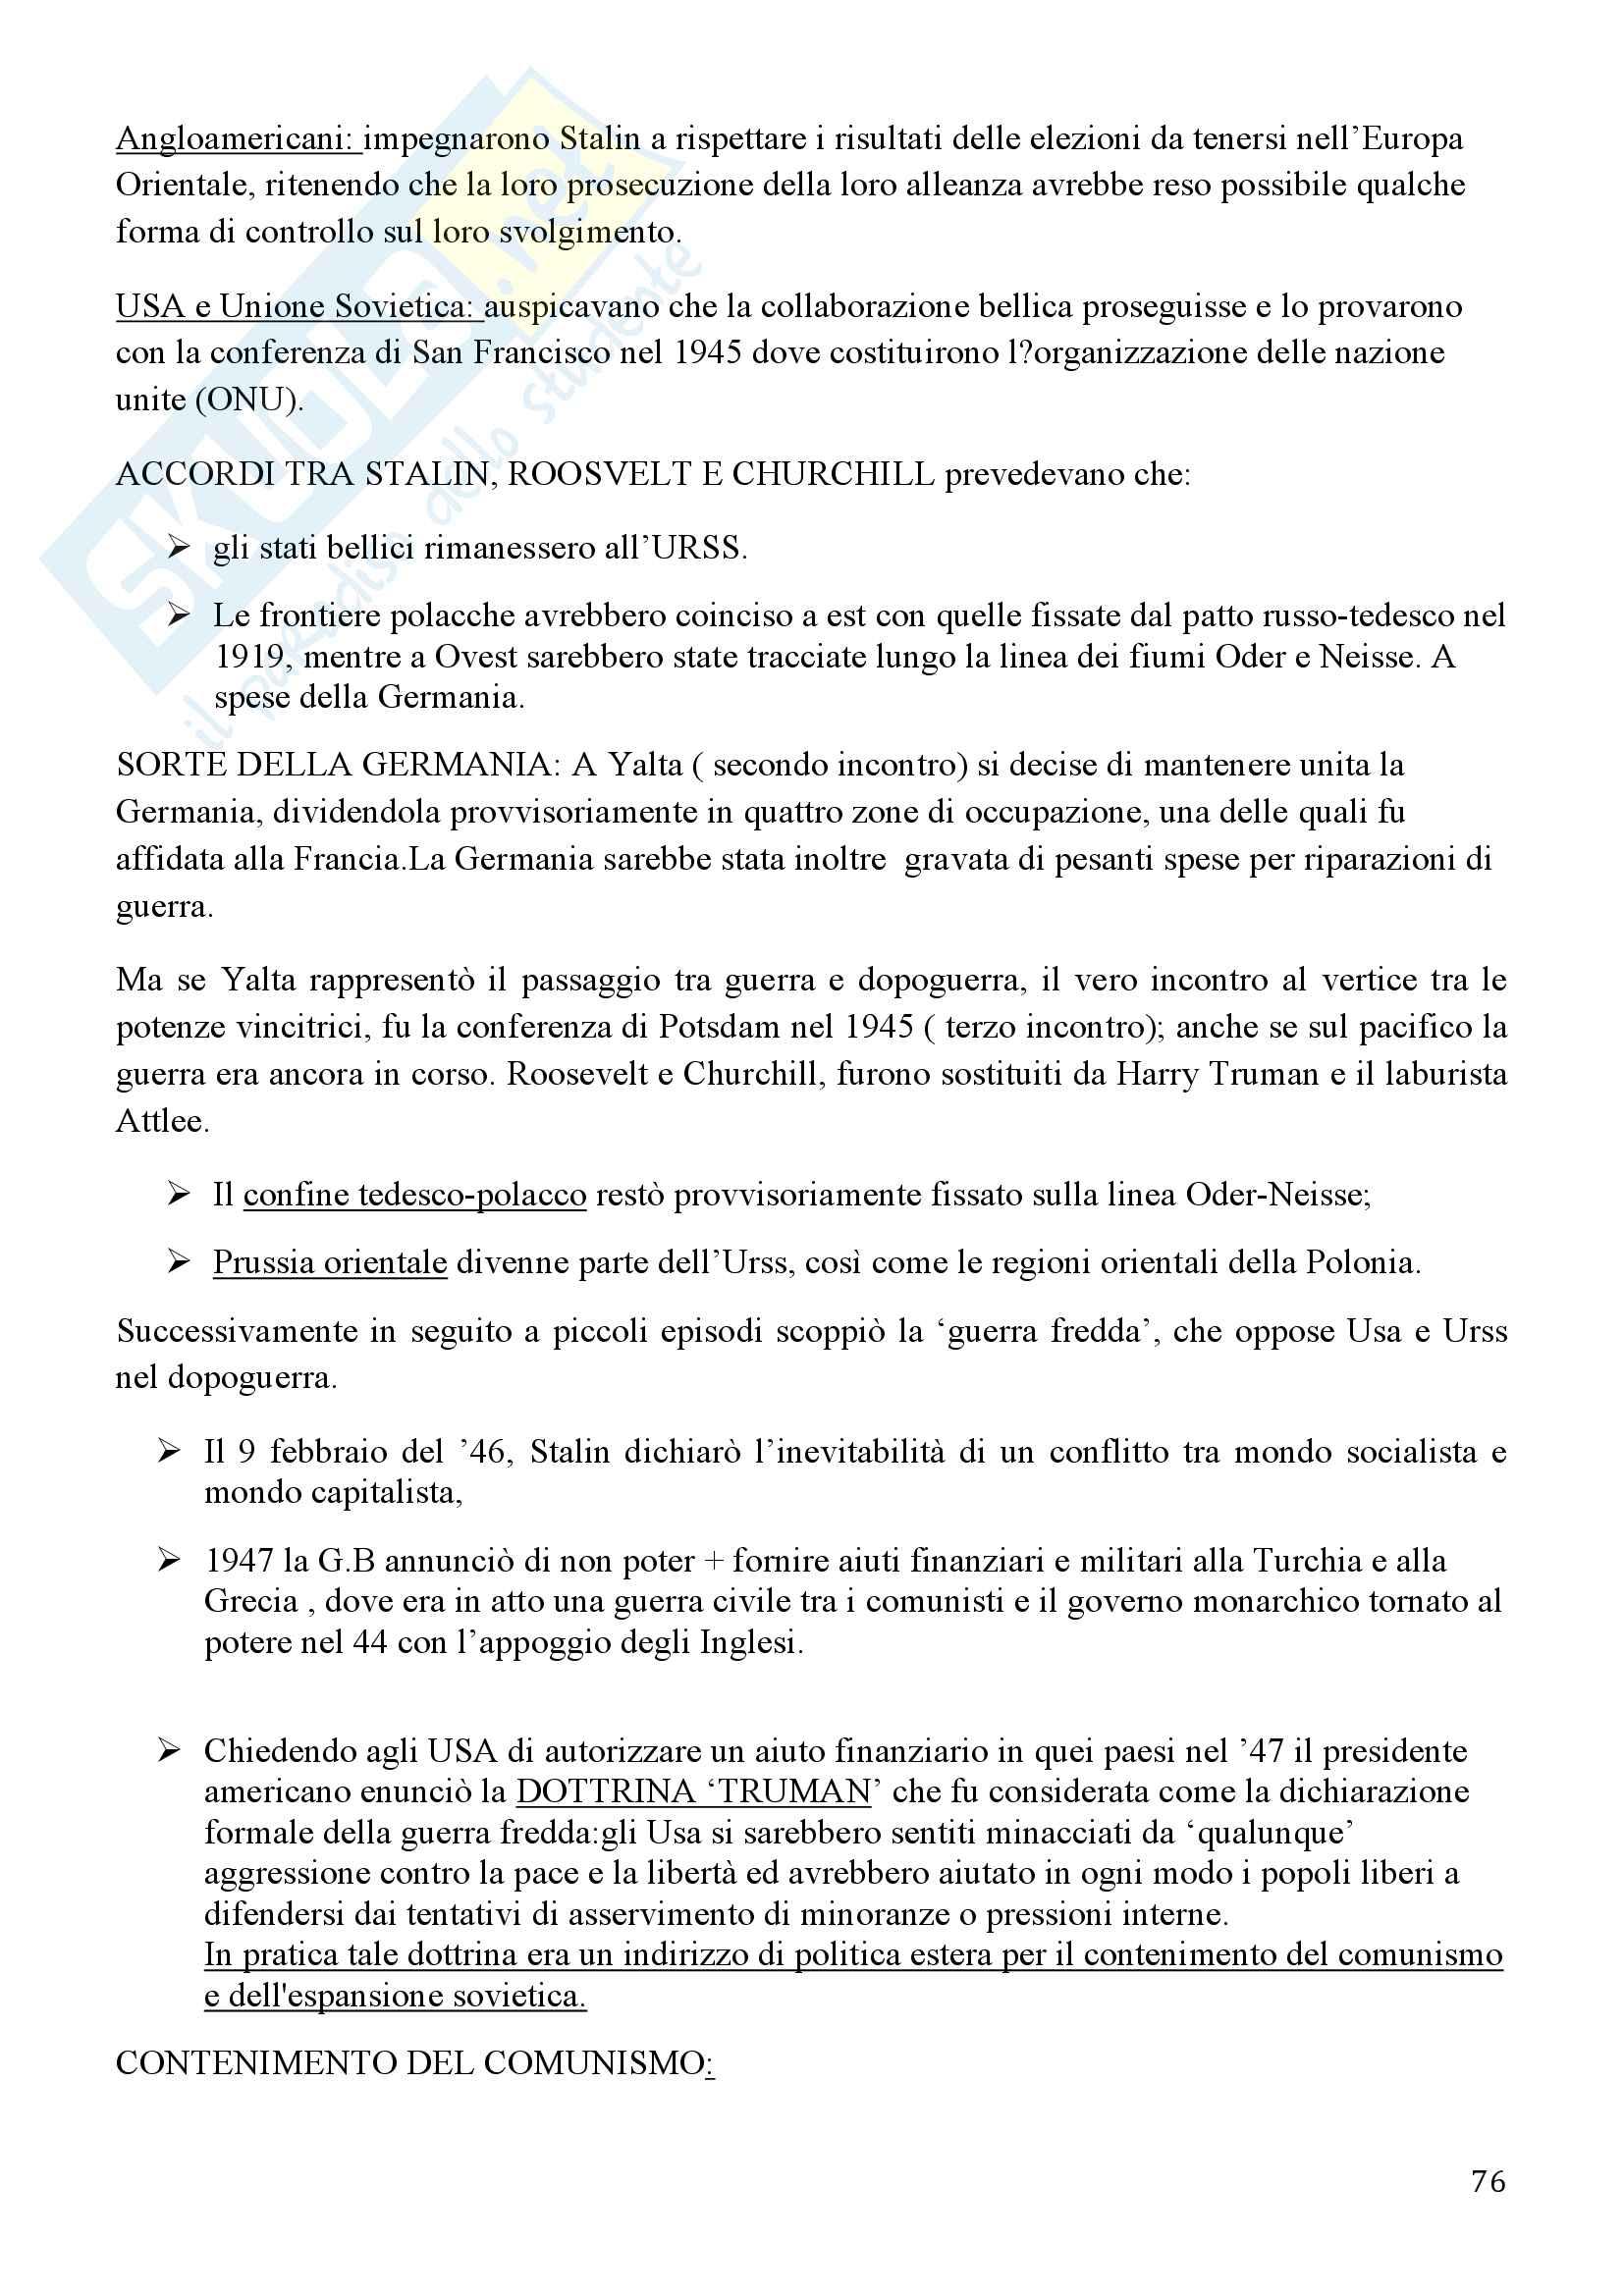 Storia Contemporanea, Detti, Gozzini il Novecento - Riassunto Pag. 76